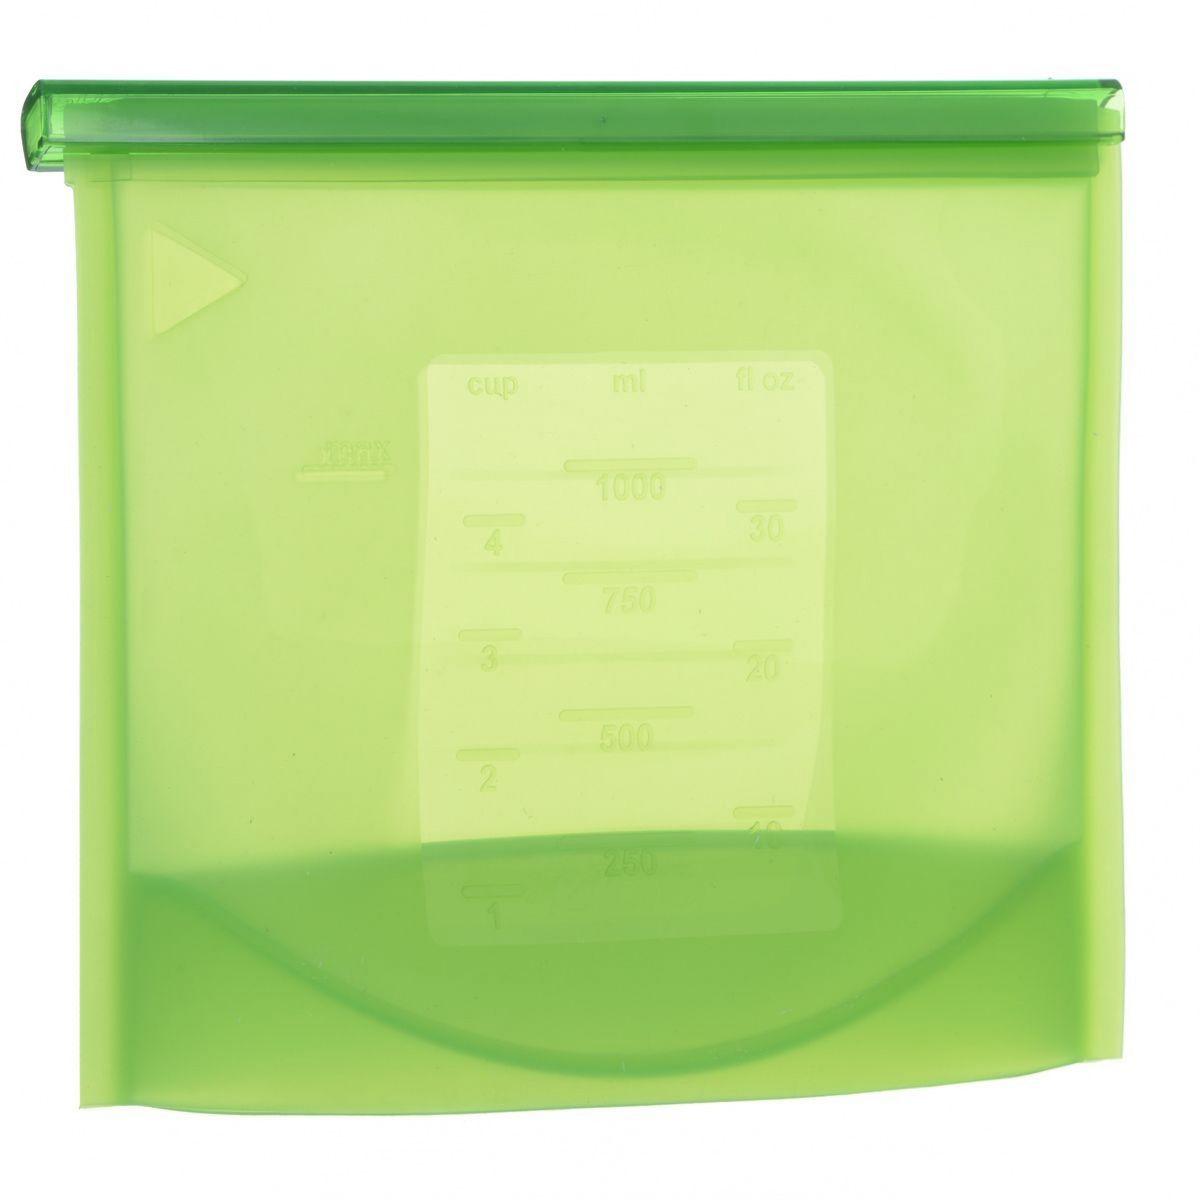 Пакет-контейнер Bradex, силиконовый, 21 х 10 х 18 смTK 0177Многофункциональный силиконовый пакет-контейнер Bradex - это ультрасовременный подход к хранению и приготовлению пищи. Пакет-контейнер выдерживает температуры заморозки до -60°С и разогрева до +220°С. В нем можно замораживать, разогревать и даже готовить вкусные и полезные блюда в микроволновой печи и на пару. Специальная застежка делает пакет абсолютно герметичным, теперь вы сможете забыть о неприятном запахе в холодильнике, а все содержимое будет храниться гораздо дольше. Преимущества: - подходит для хранения фруктов, овощей, ягод, мяса, рыбы и даже жидкостей; - надежная застежка делает пакет-контейнер абсолютно герметичным; - блюда, приготовленные в пакете-контейнере, сохраняют все свои питательные и вкусовые свойства; - пригоден для транспортировки готовых блюд или полуфабрикатов; - позволяет рационально задействовать пространство холодильной и морозильной камер; - на пакете можно сделать надпись маркером, которая легко...